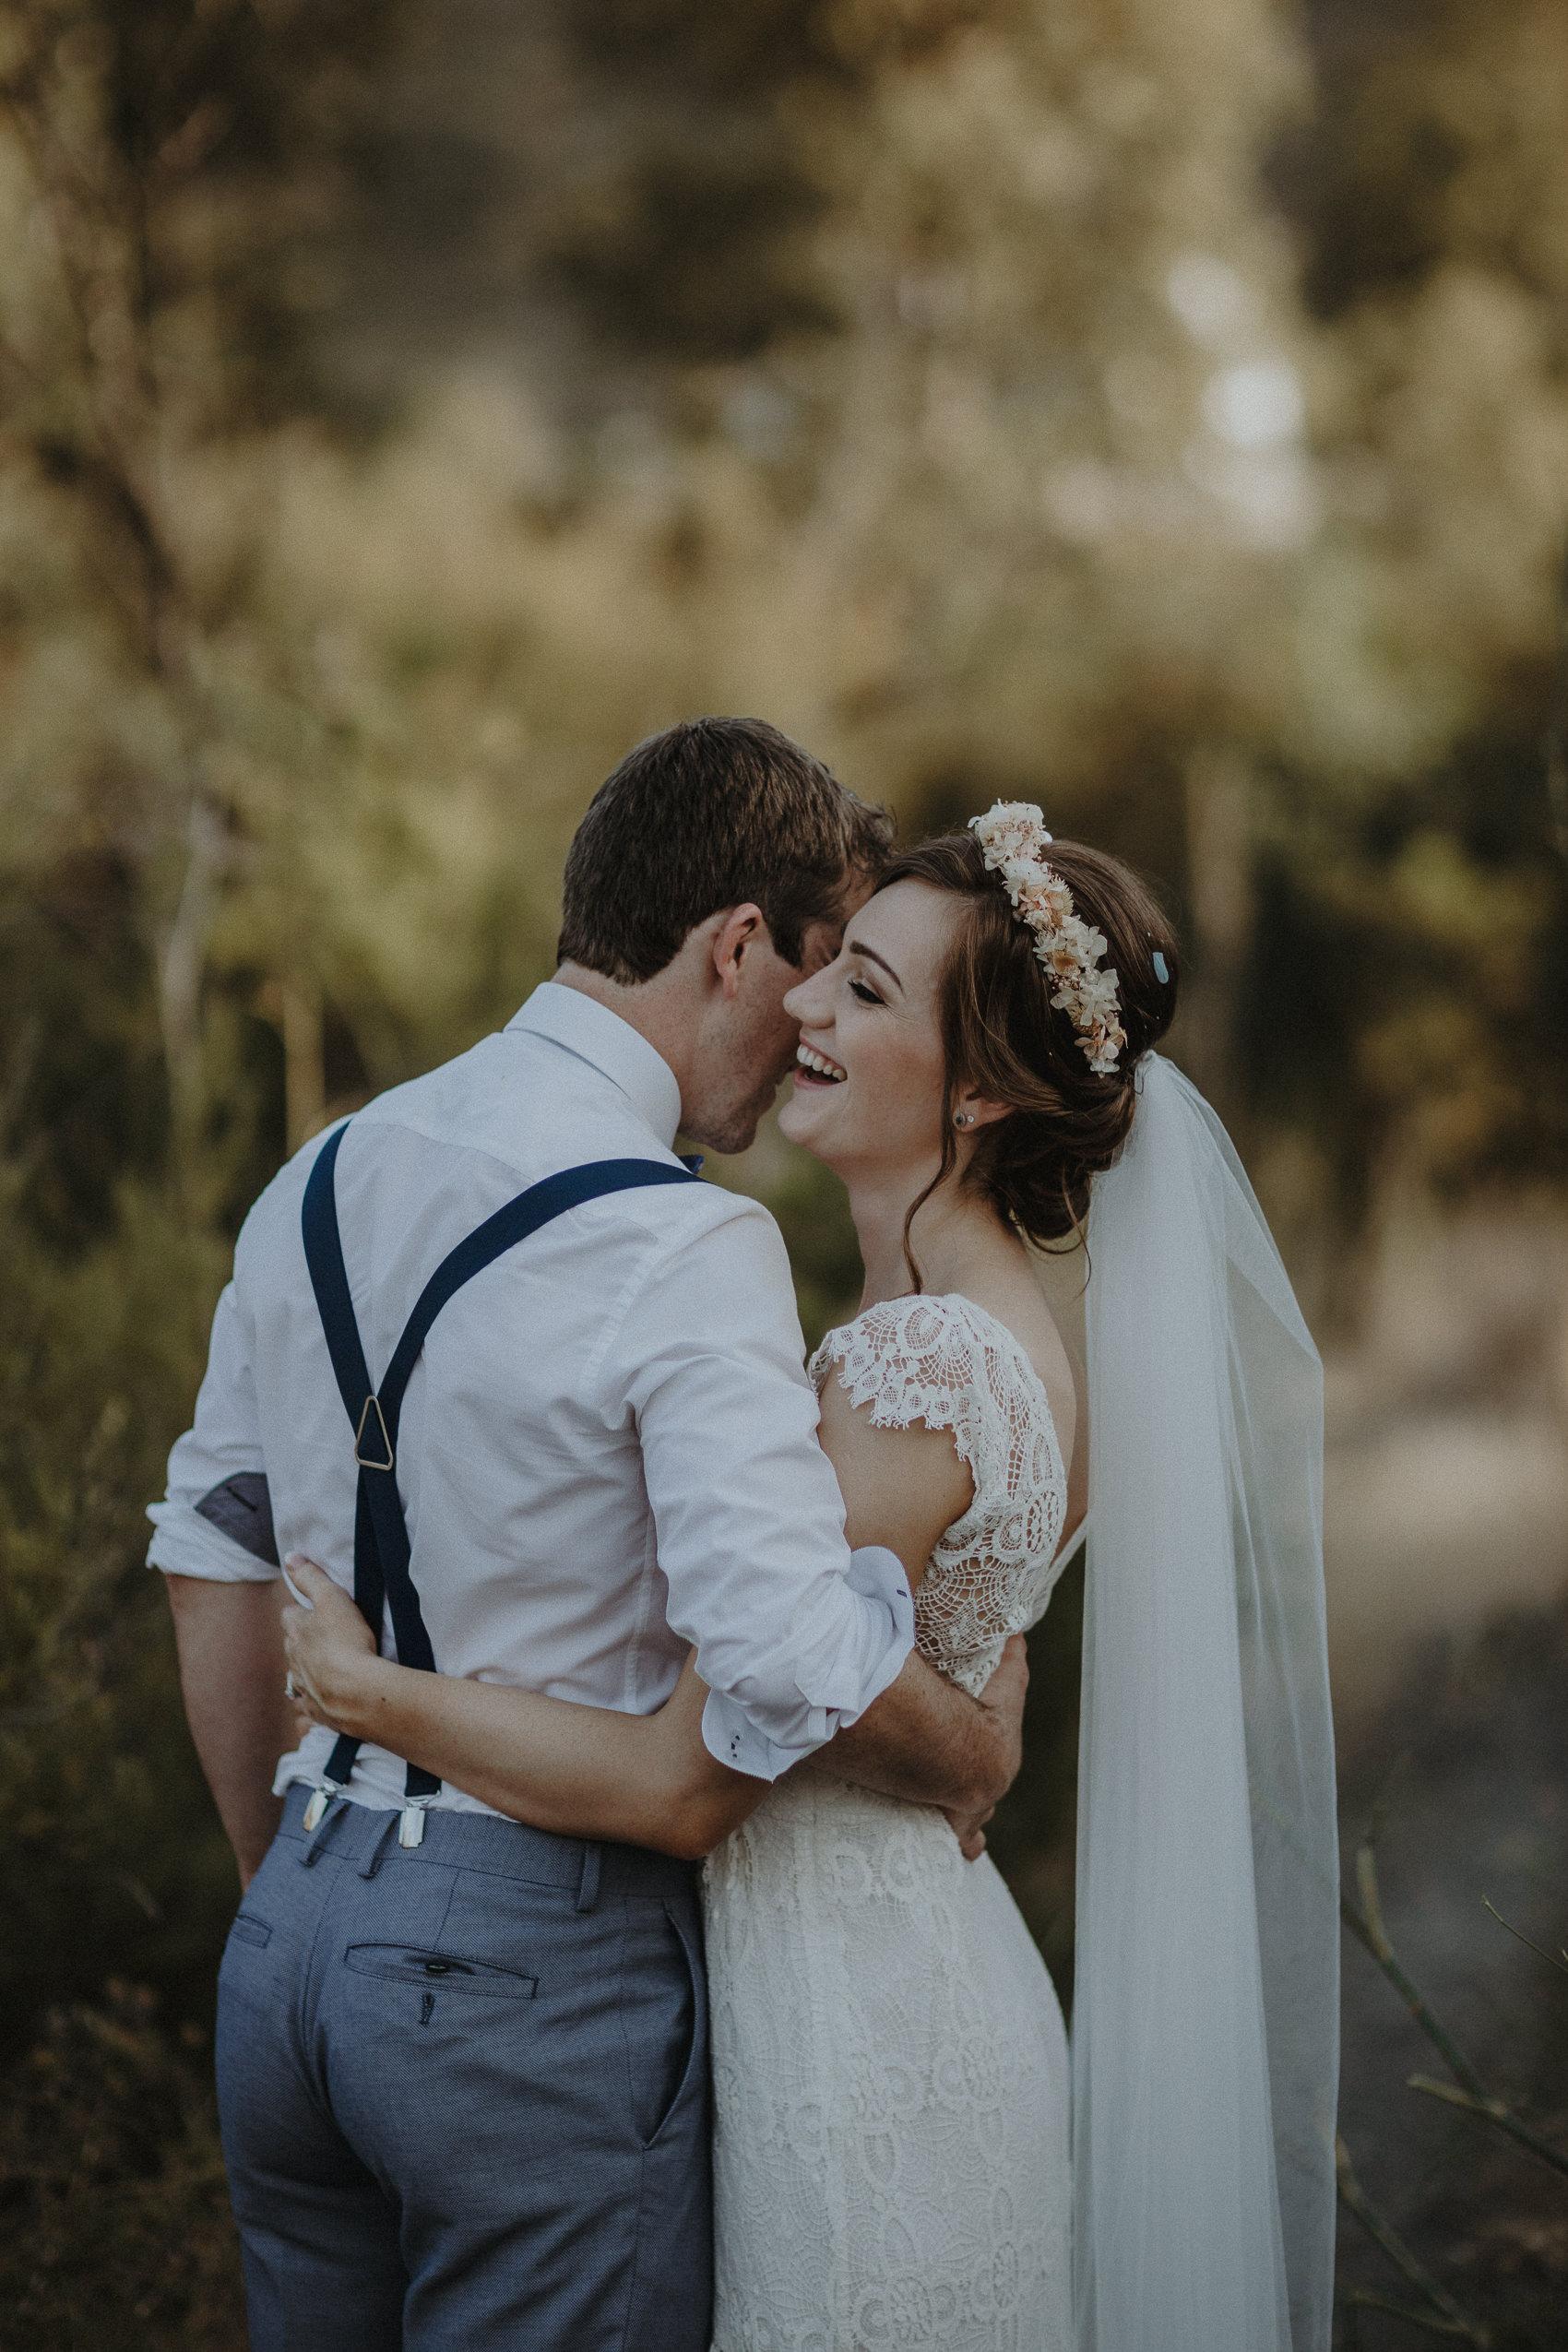 Sarah & Bill | Summer wedding at Cortijo Rosa Blanca | Marbella - Spain 134